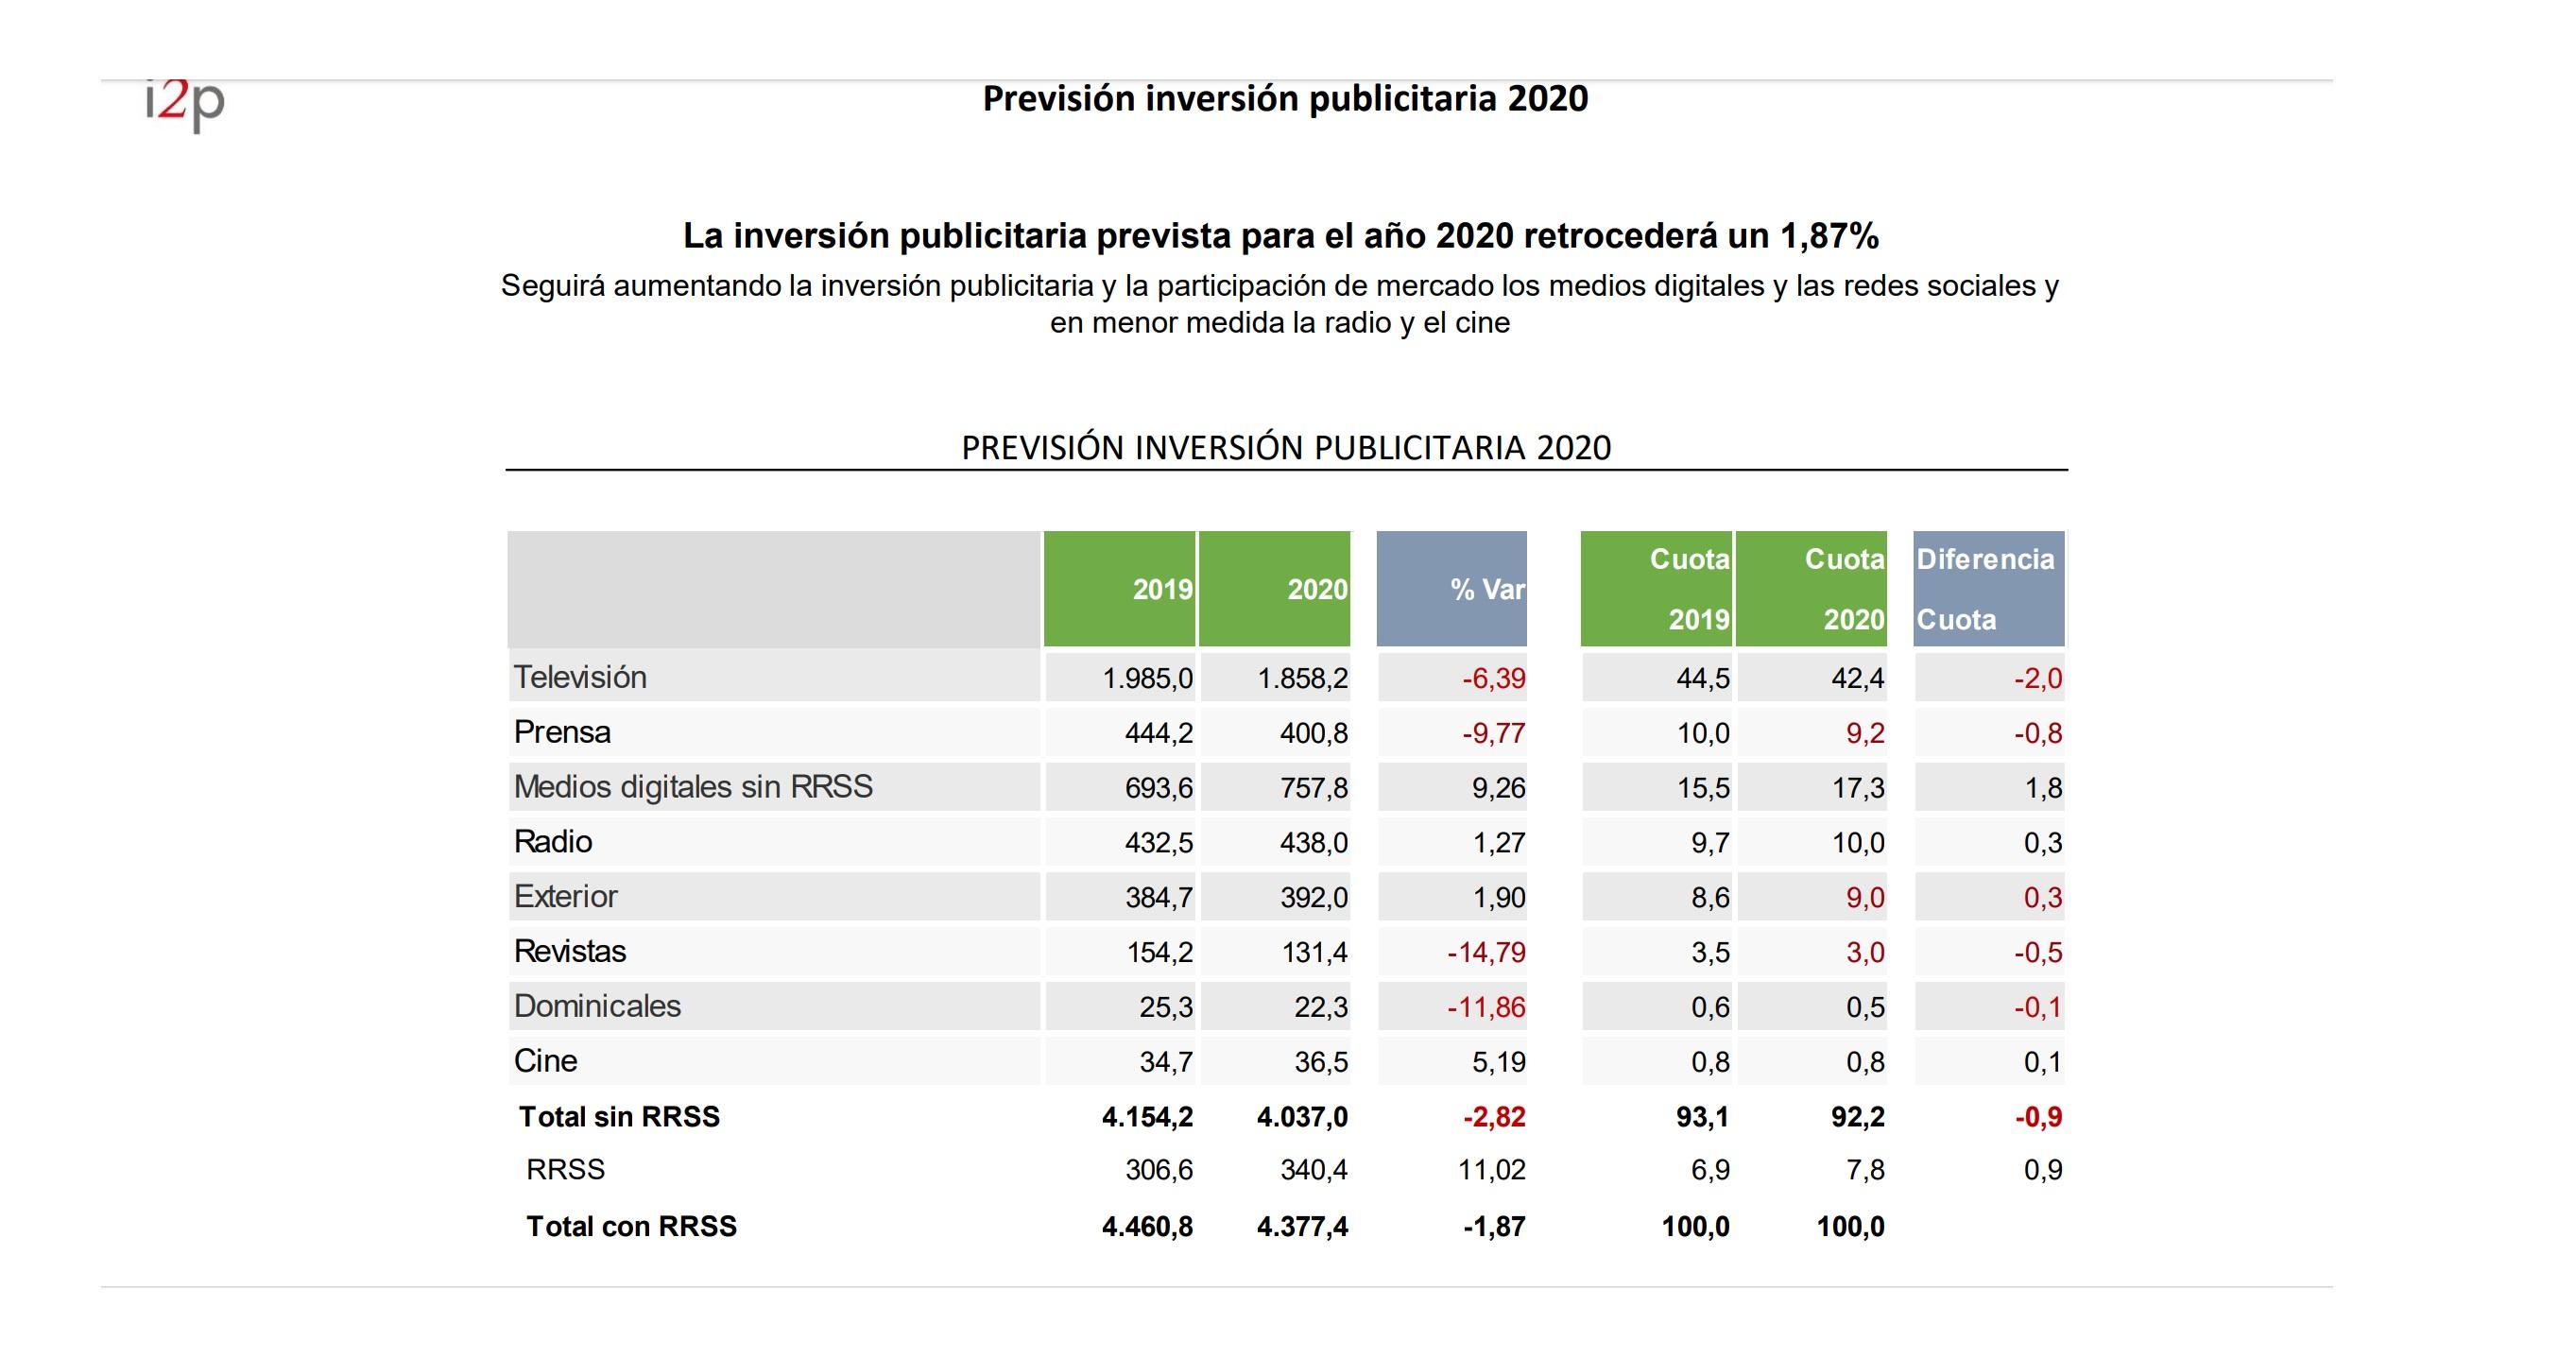 https://www.programapublicidad.com/wp-content/uploads/2019/10/previsión-inversión-publicitaria-2020-i2P-programapublicidad-muy-grande.jpg